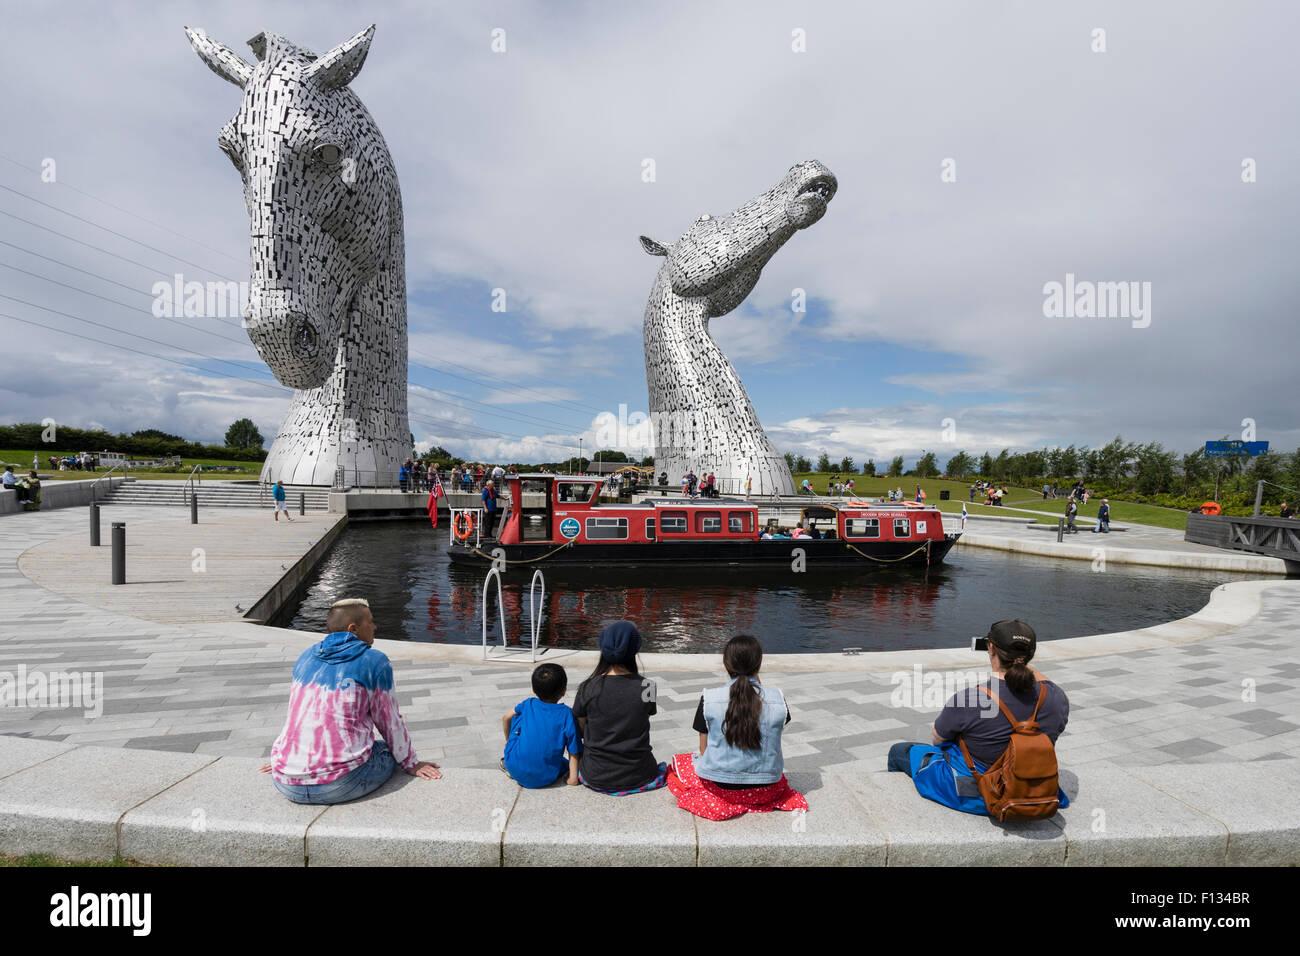 Il Kelpies scultura di due cavalli all'entrata del canale di Forth e Clyde presso l'Helix parco vicino a Immagini Stock